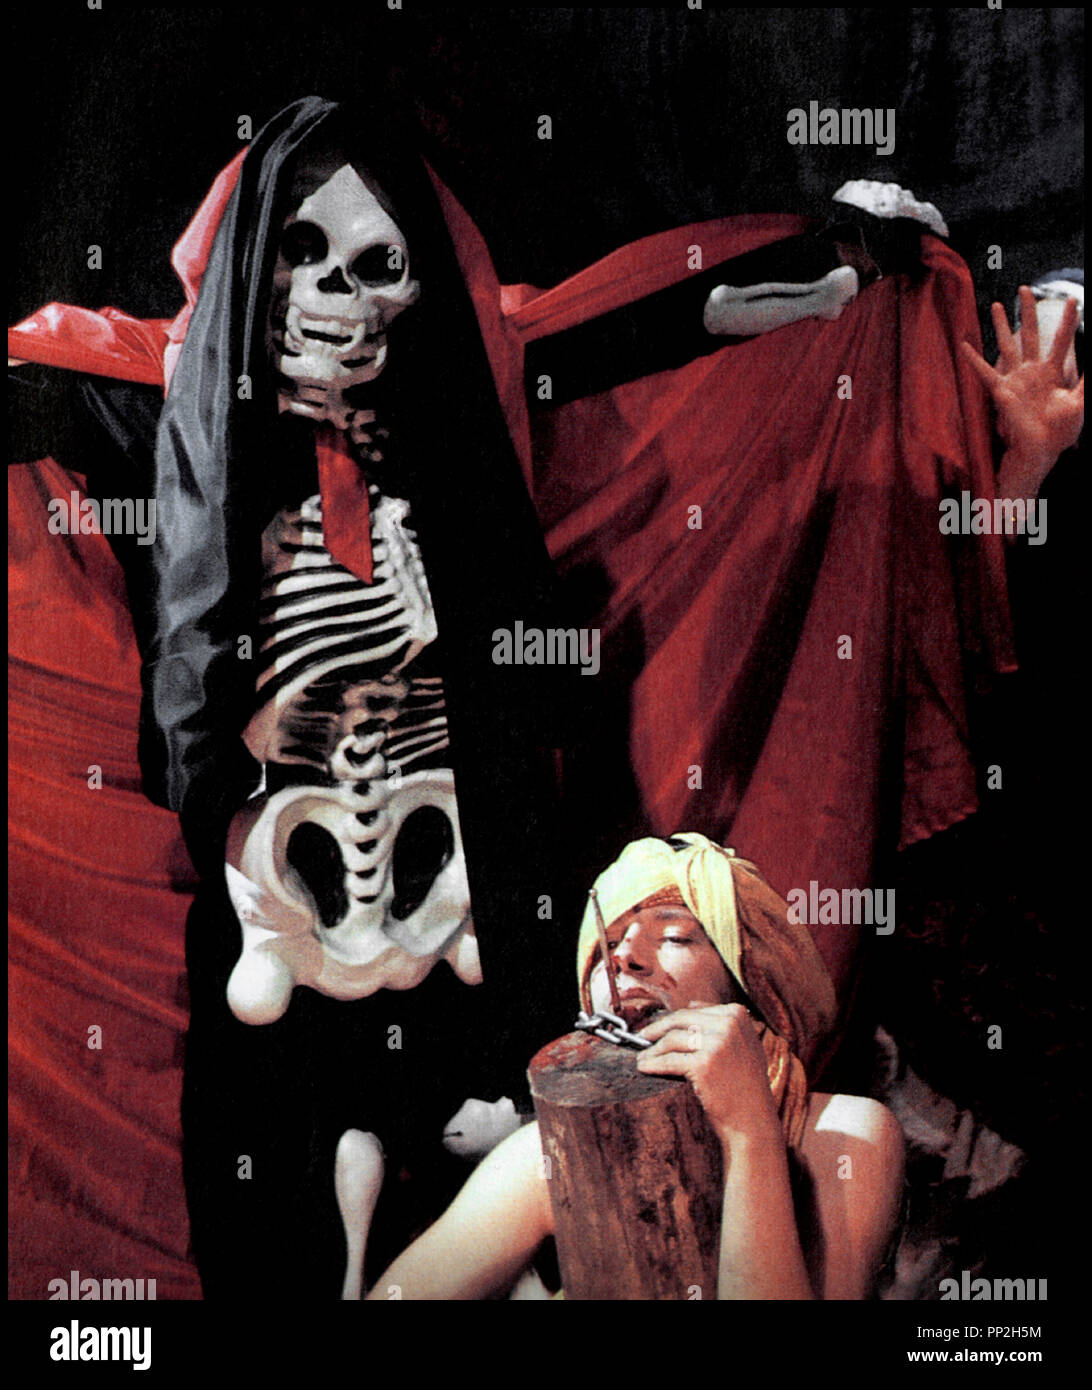 Prod DB © Rosa von Praunheim Filmproduktion / DR UN VIRUS SANS MORALE (EIN VIRUS KENNT KEINE MORAL) de Rosa von Praunheim 1986 ALL. cinema gay, homosexuel, personnage de la Mort, squelette autre tirtre: A Virus Knows No Morals - Stock Image